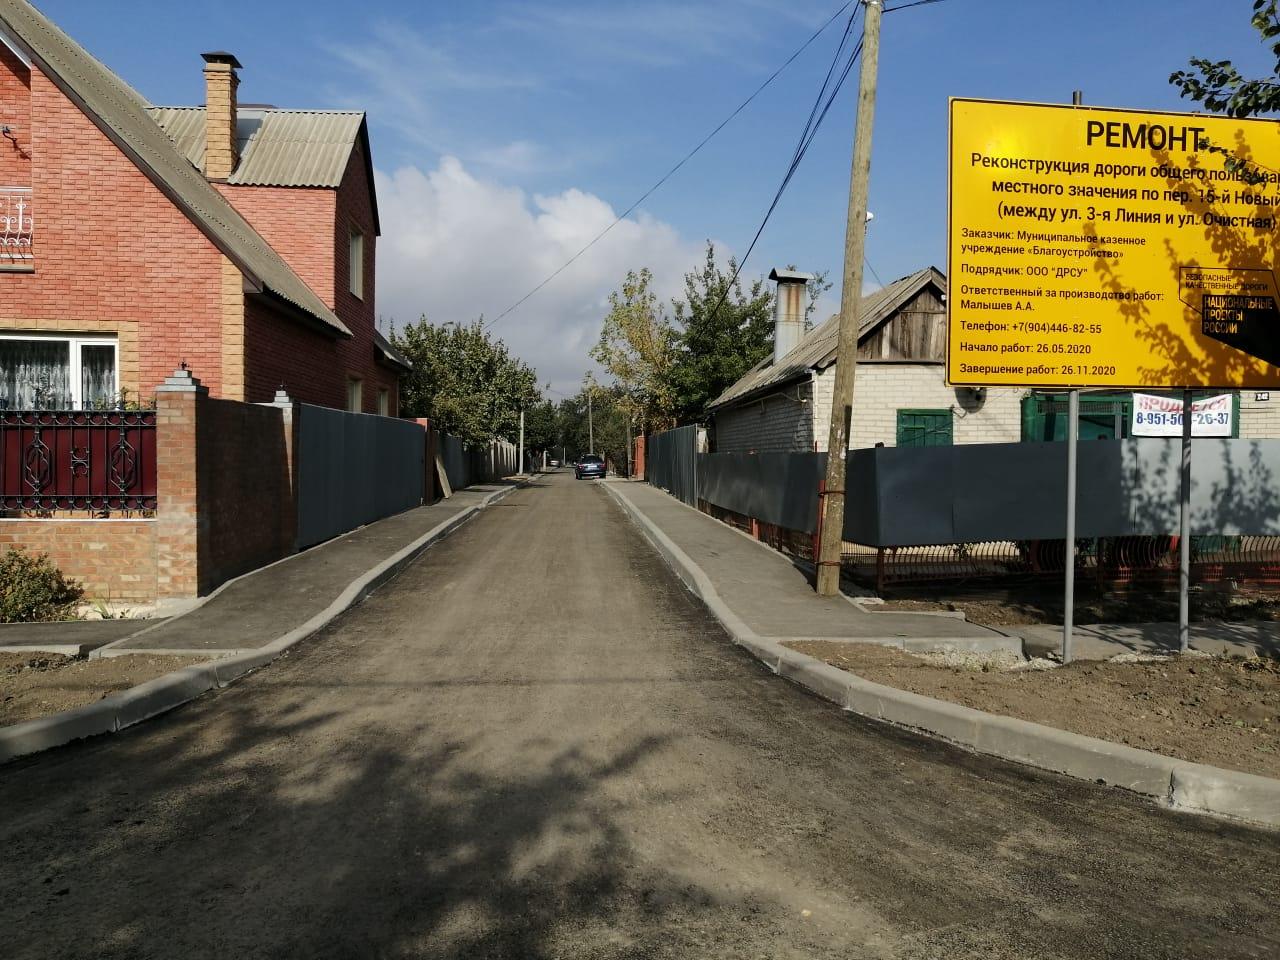 МКУ «Благоустройство»: Промежуточные итоги по ремонту дорог в Таганроге